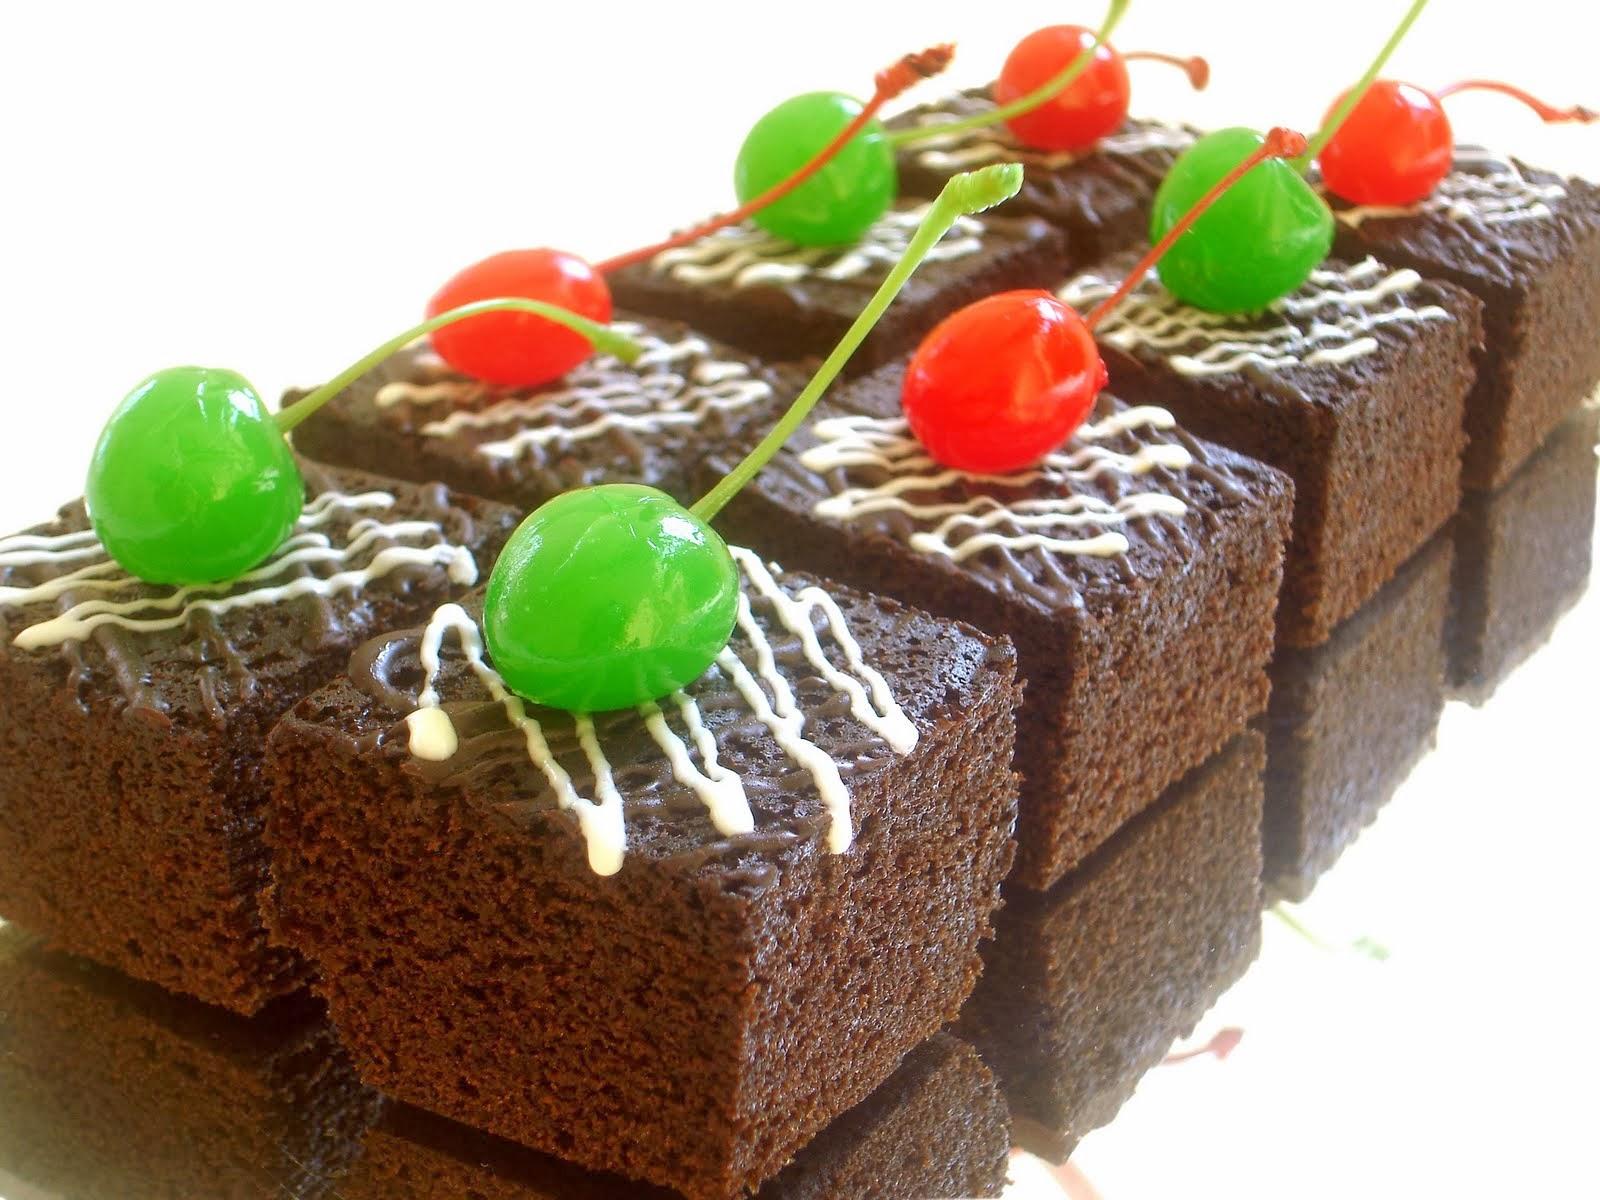 Resep Cake Kukus Sederhana: Resep Cara Membuat Brownies Coklat Kukus Sederhana